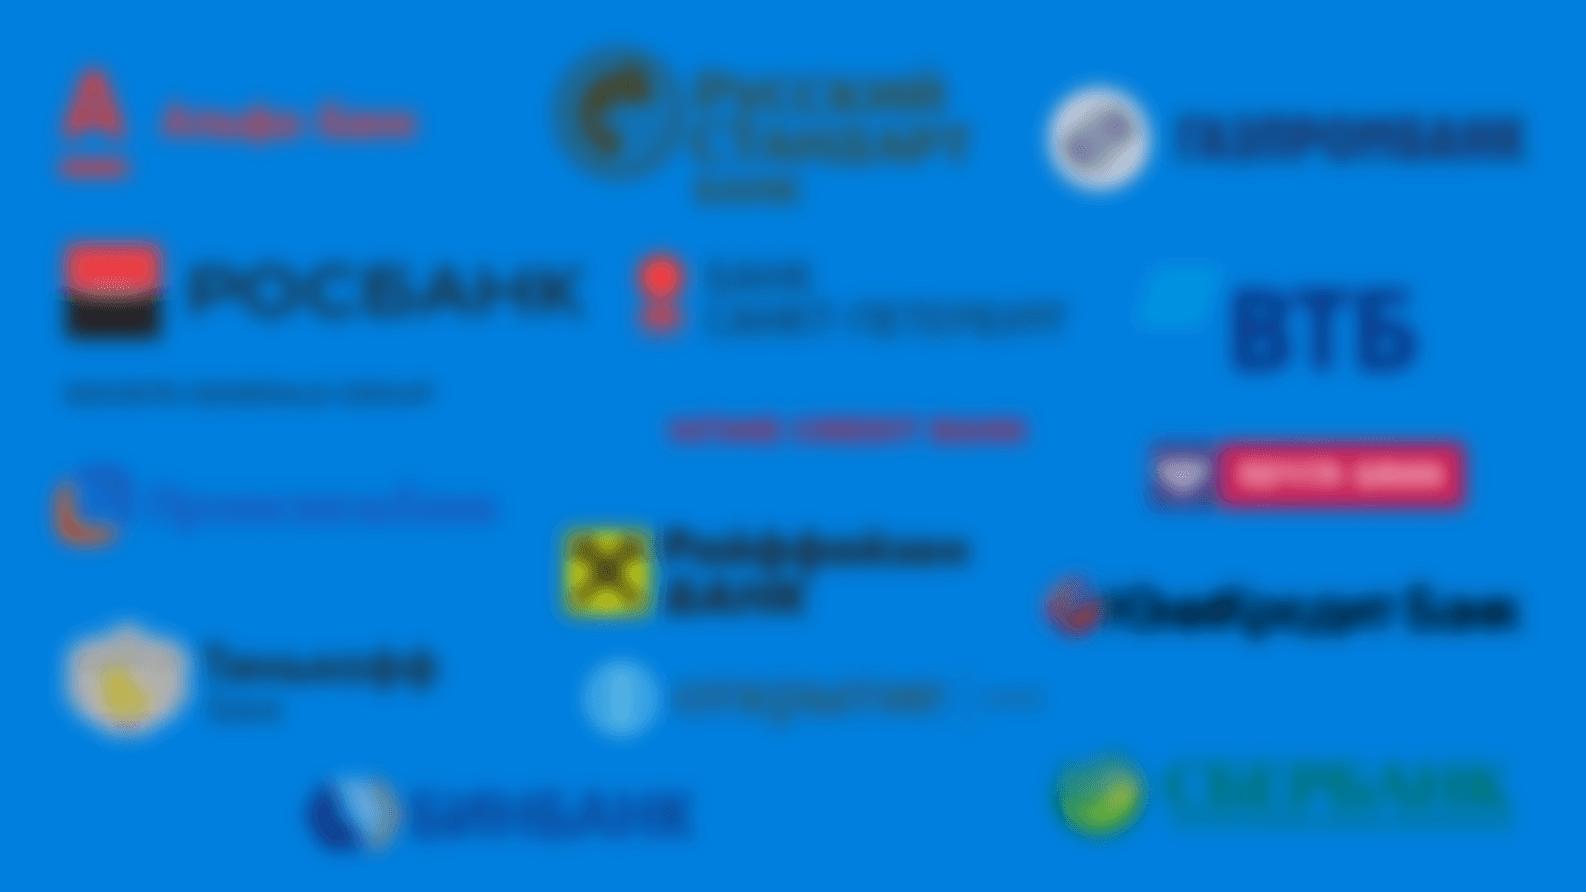 Мониторинг банковских приложений для iOS: интересное за январь